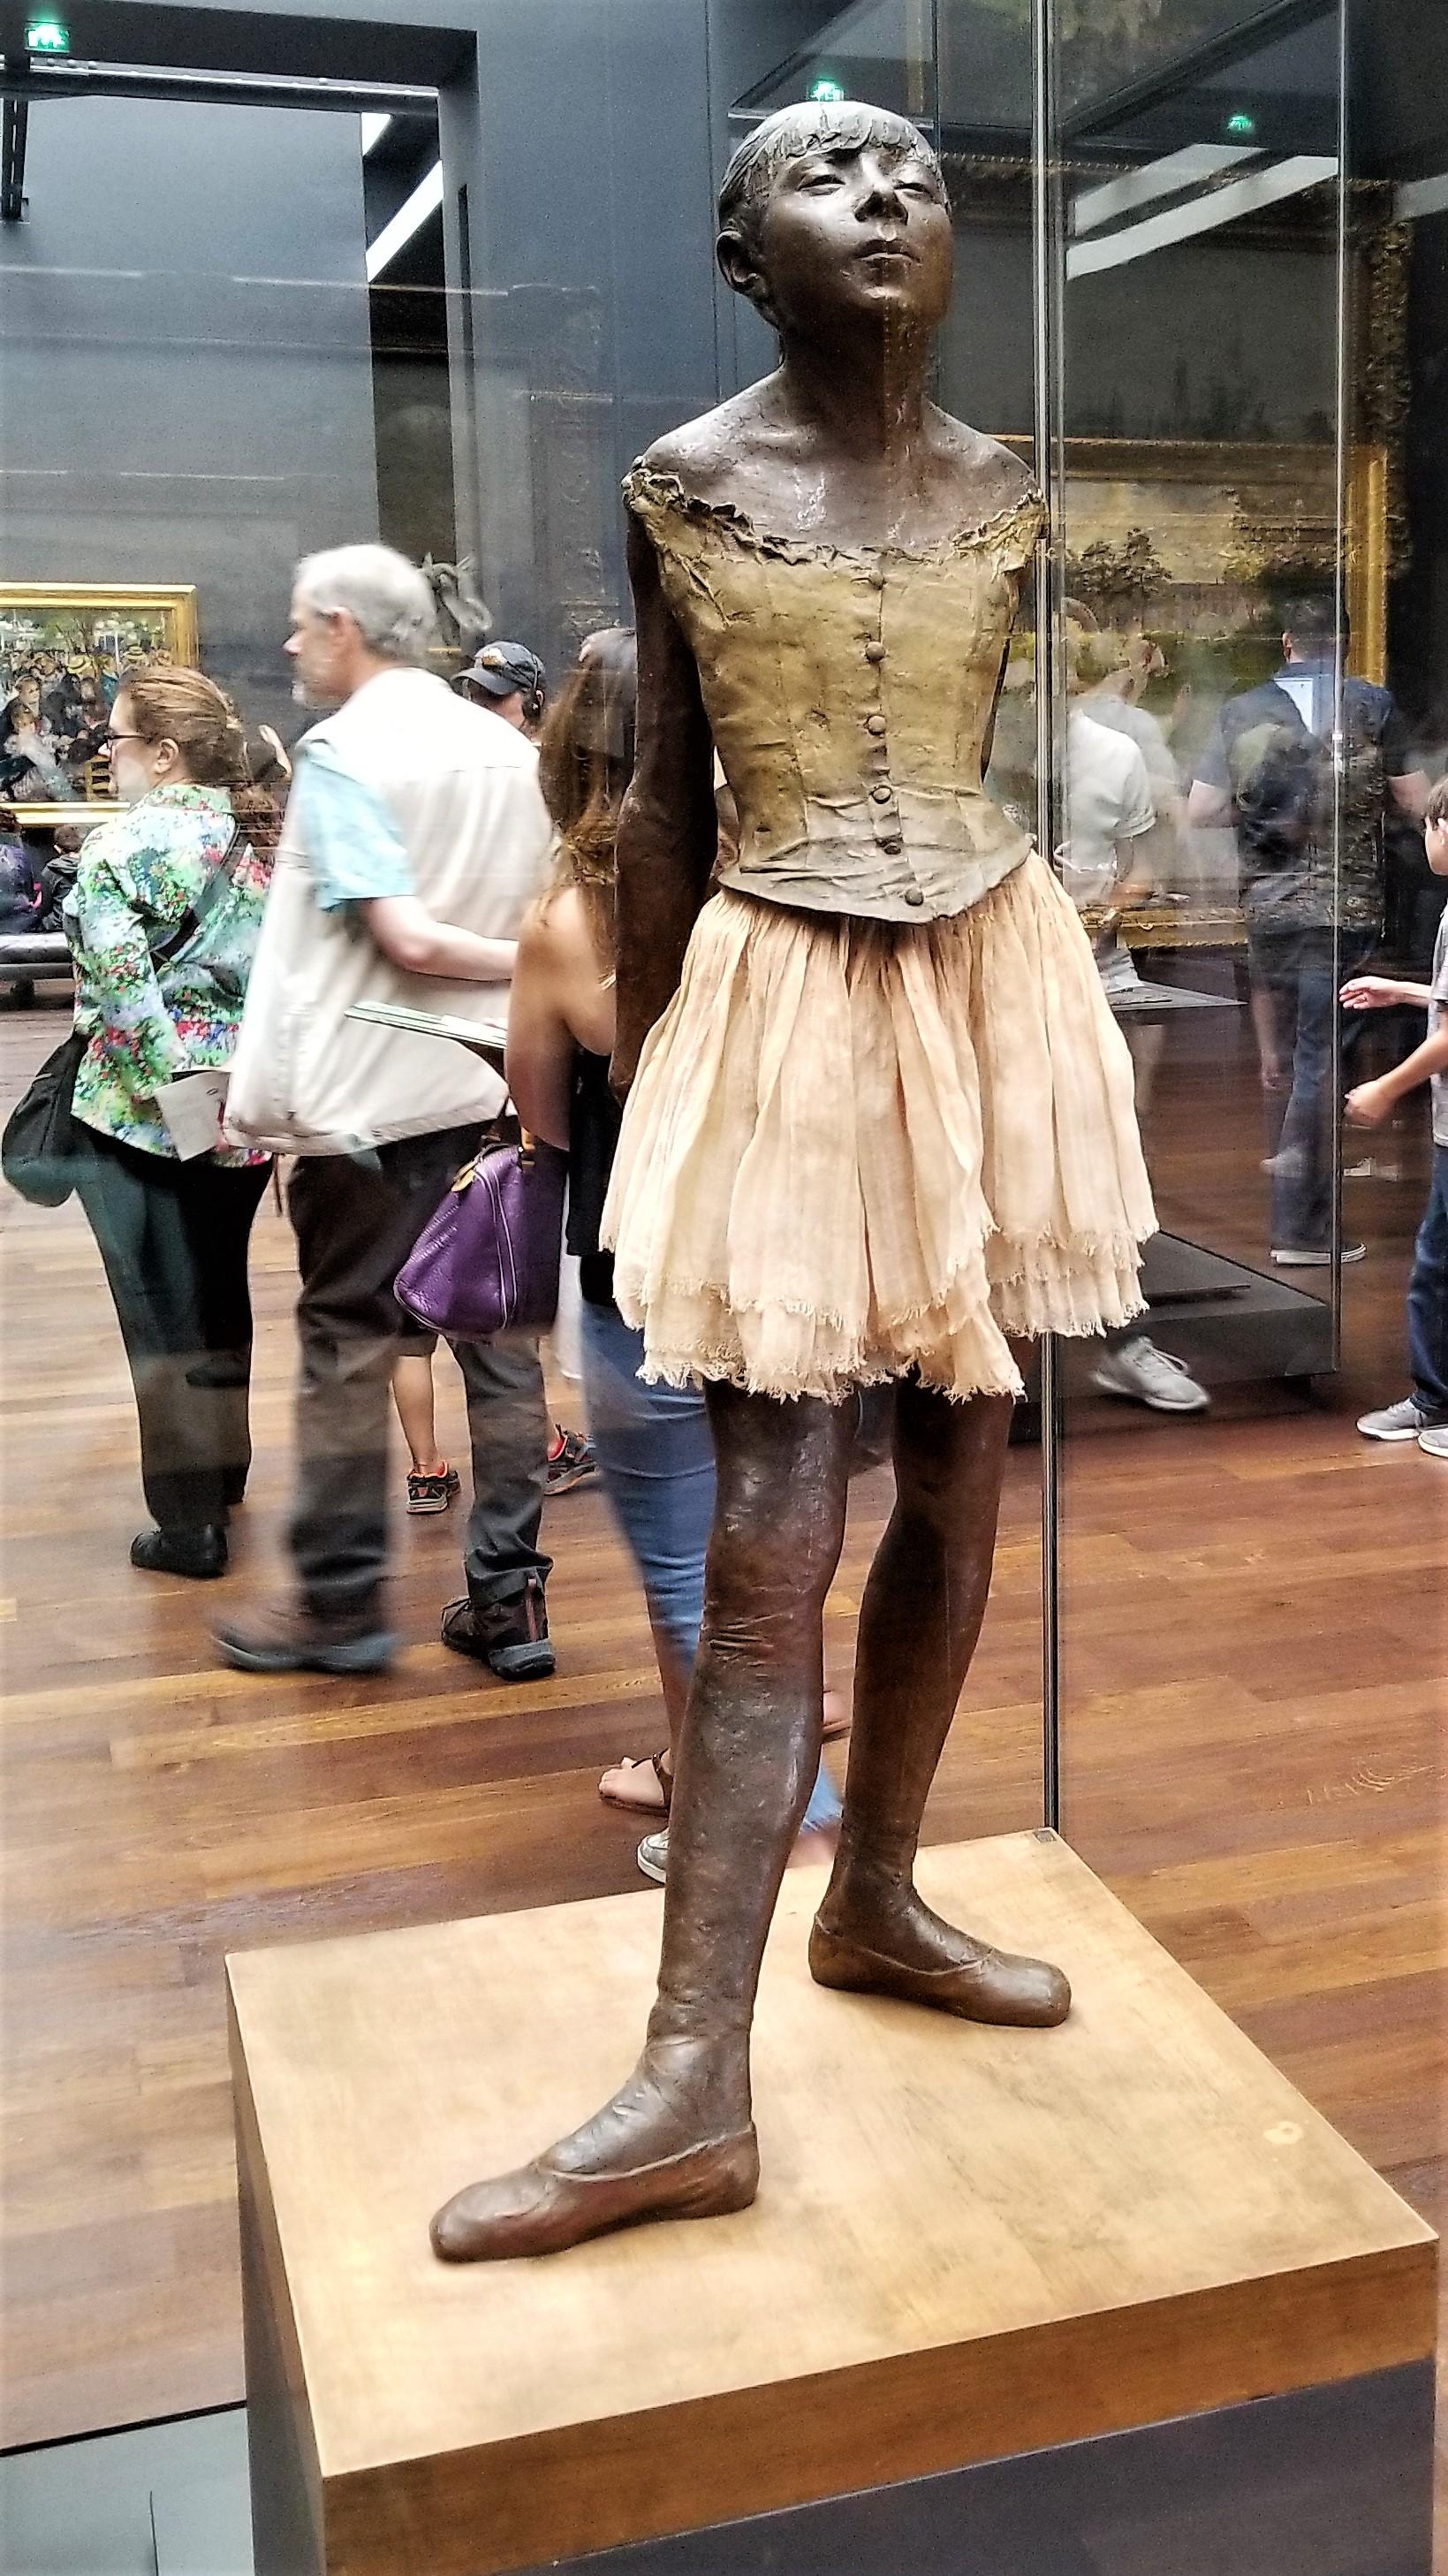 Petite danseuse de 14 ans (Small Dancer Aged 14)